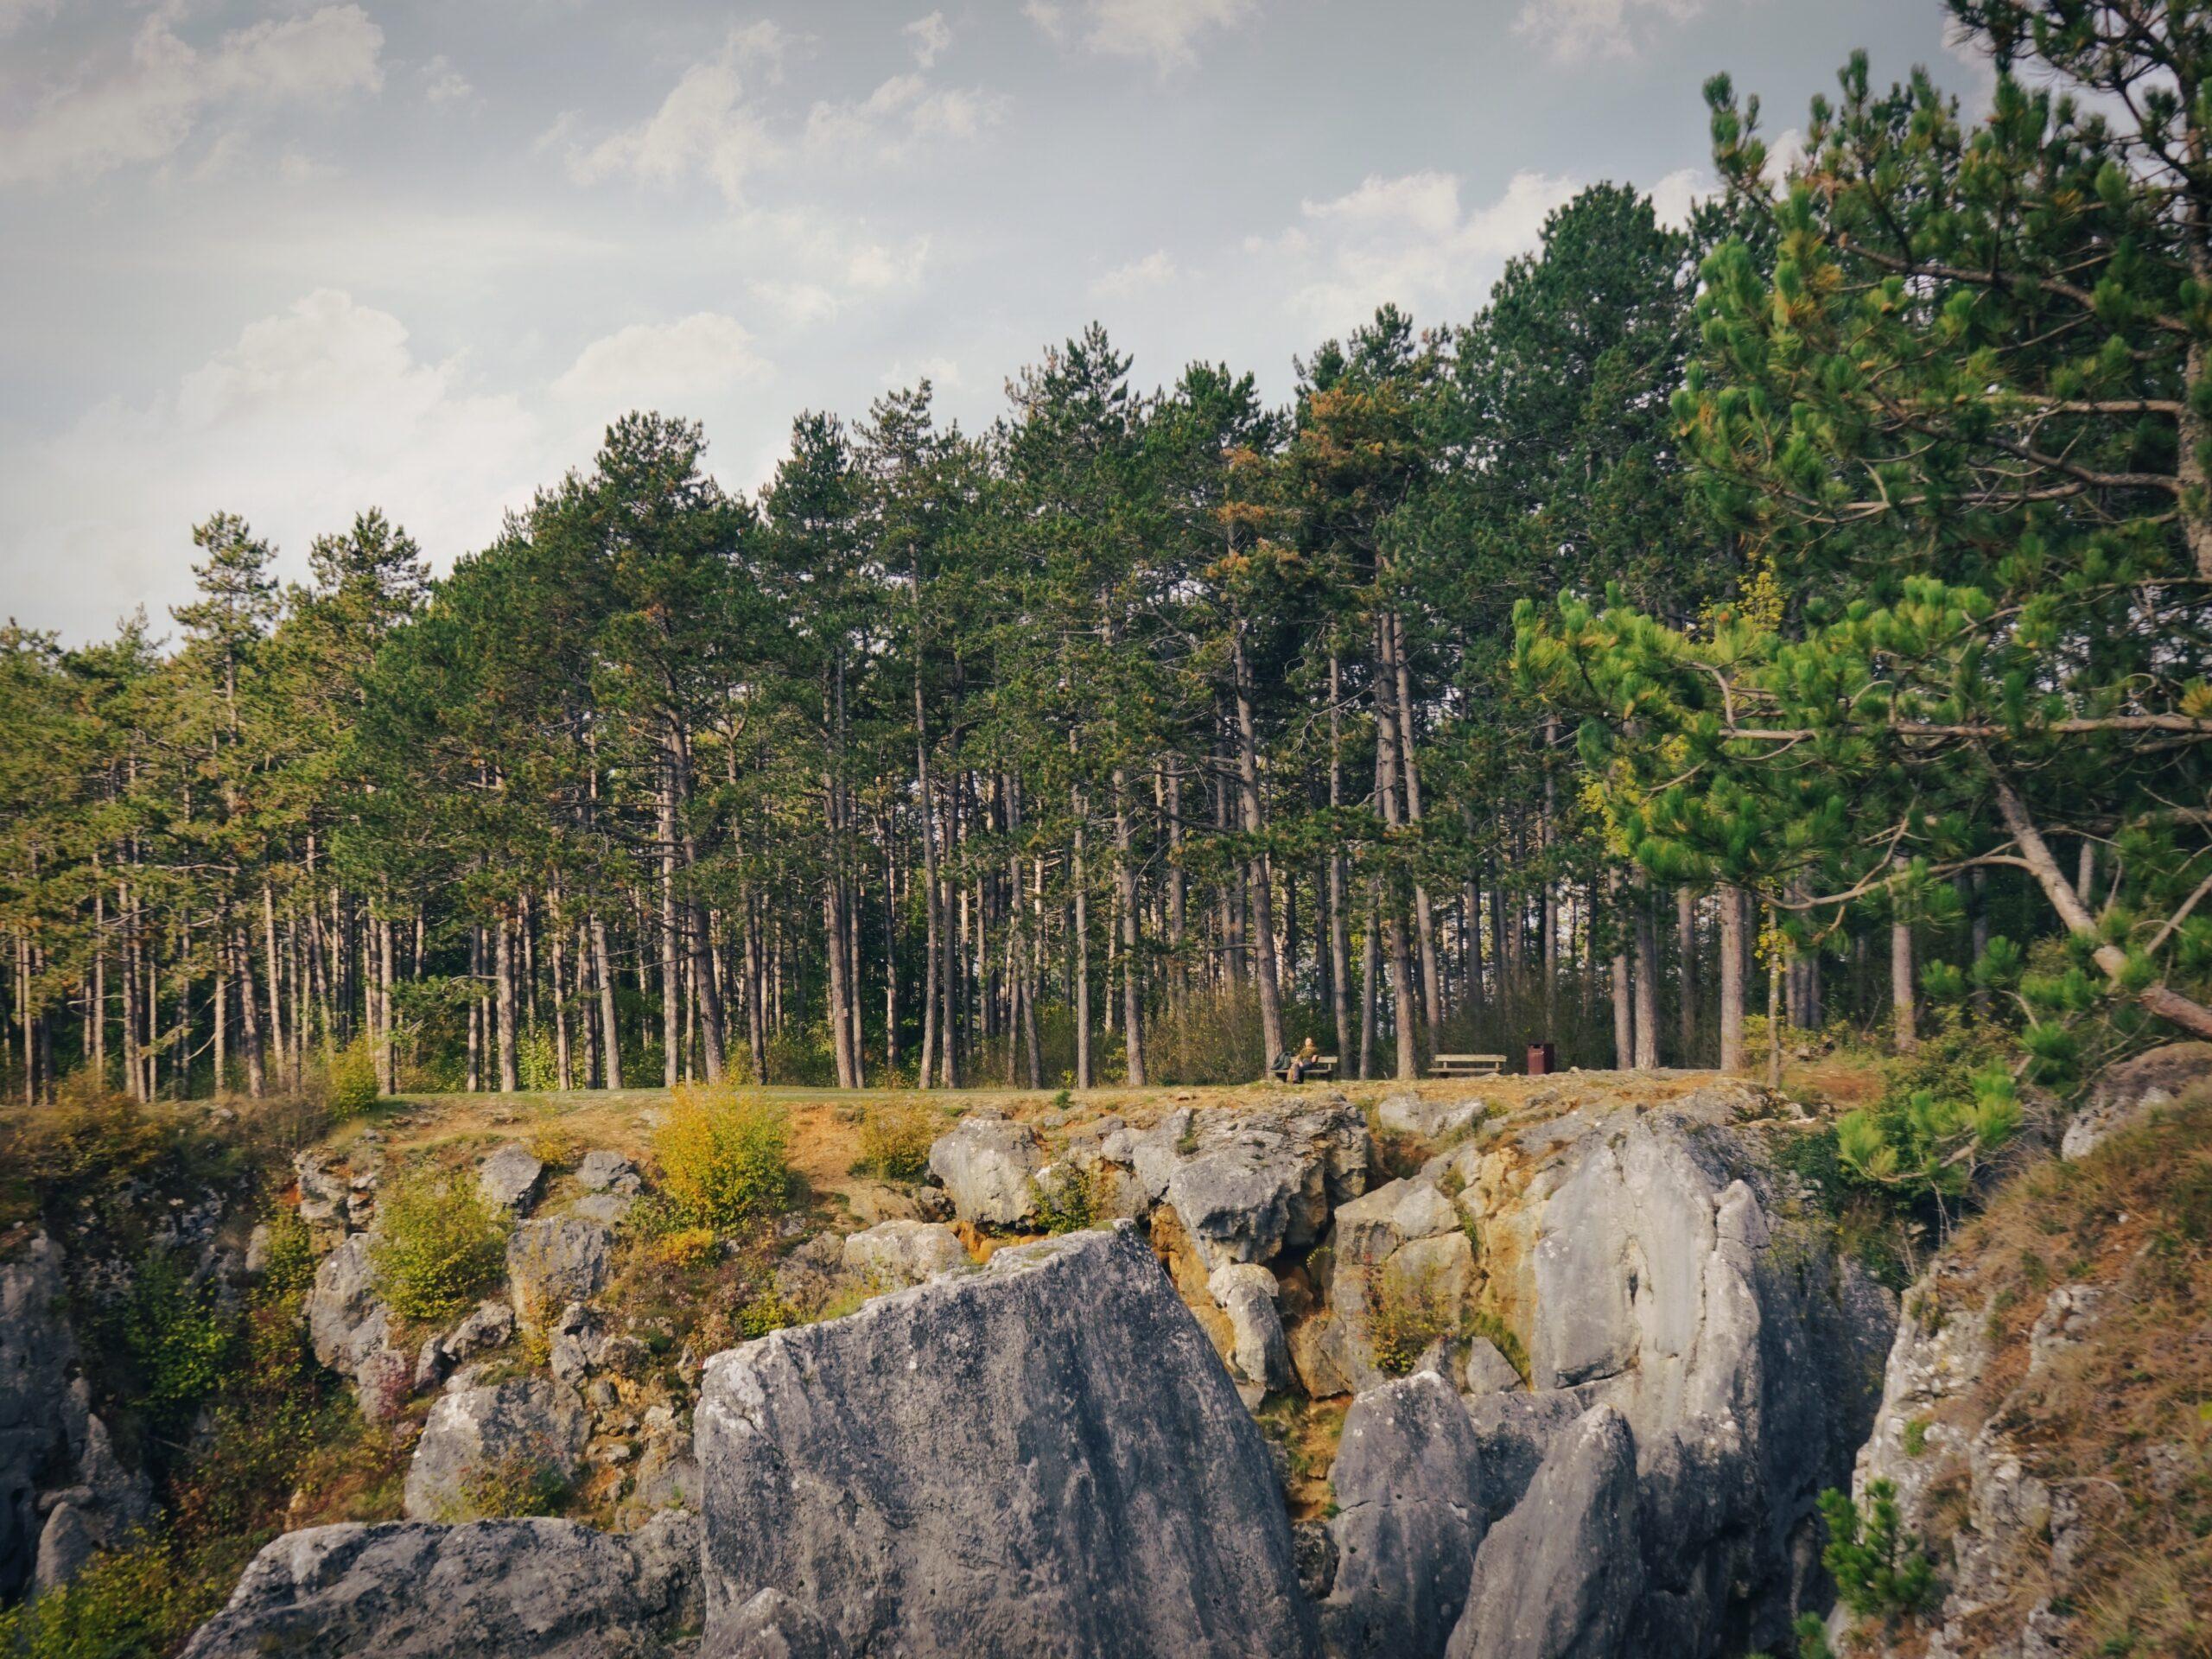 Fondry des Chiens aan de rand van de bossen nabij Nismes